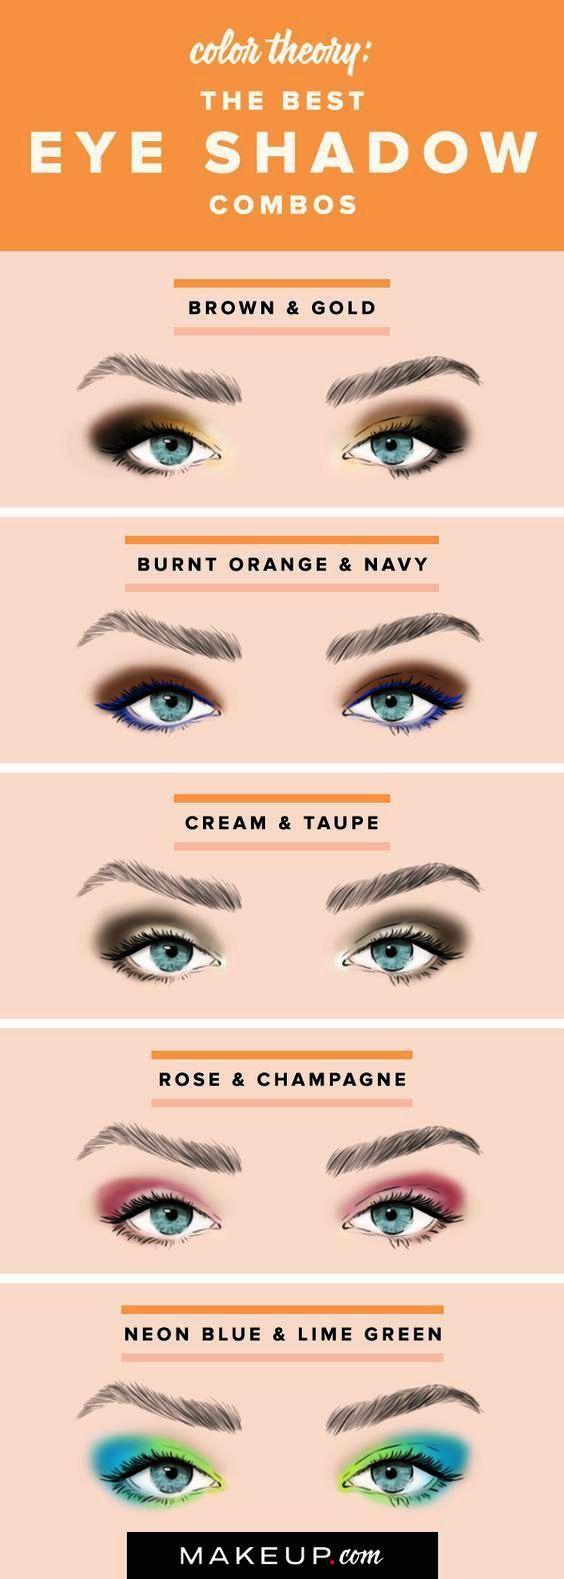 Make-up Bag Geschenkset gegen Make-up Sieht krustig aus seine Make-up Bag Gold entweder Makeu …   – Makeup Tips And Tricks